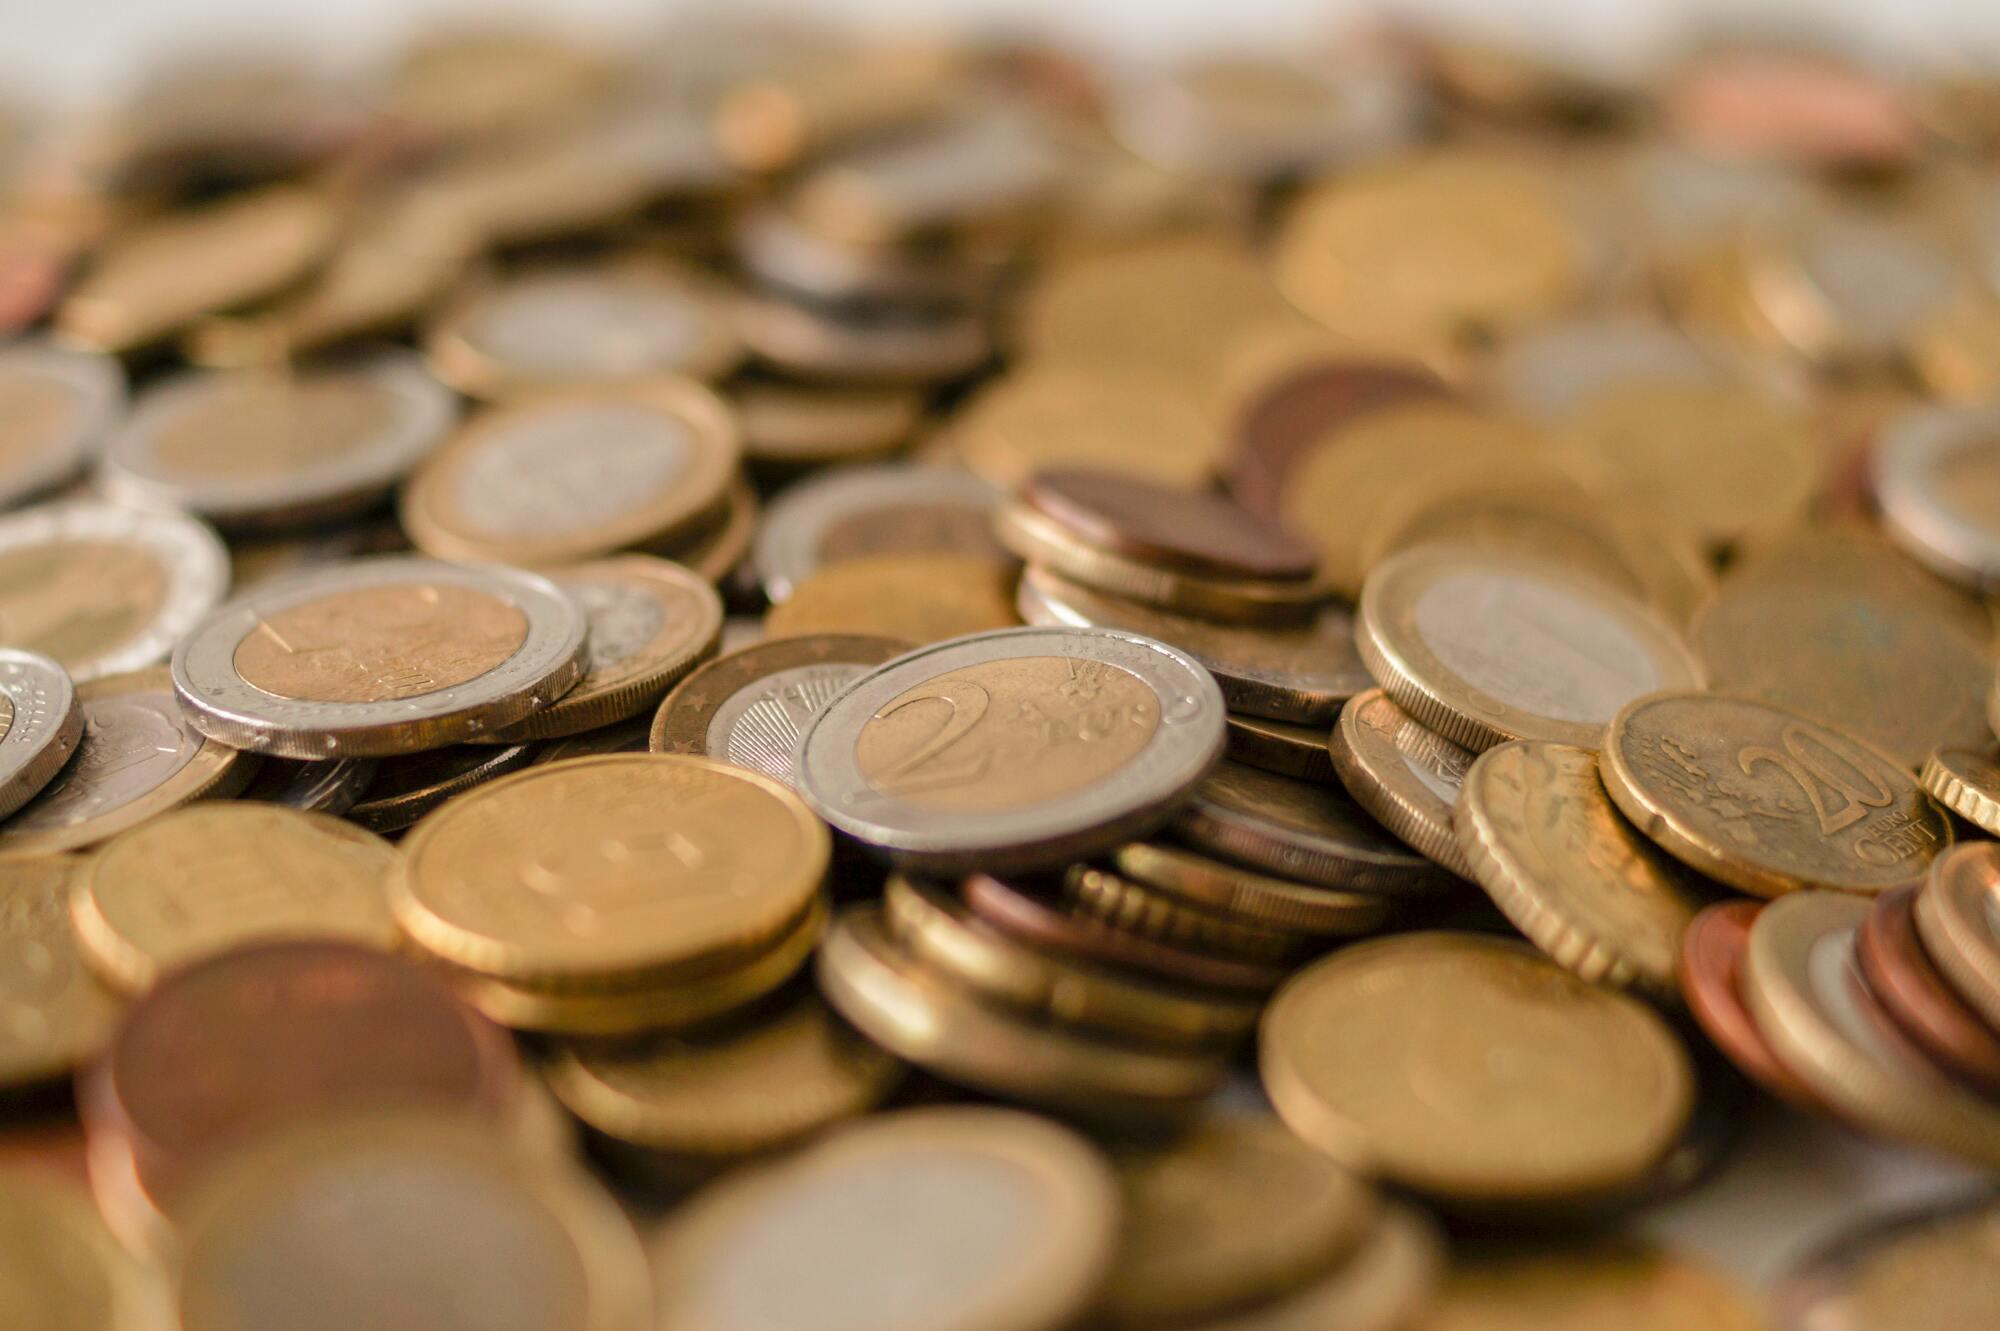 Les étapes de l'infraction au paiement (volontaire ou non) de l'amende